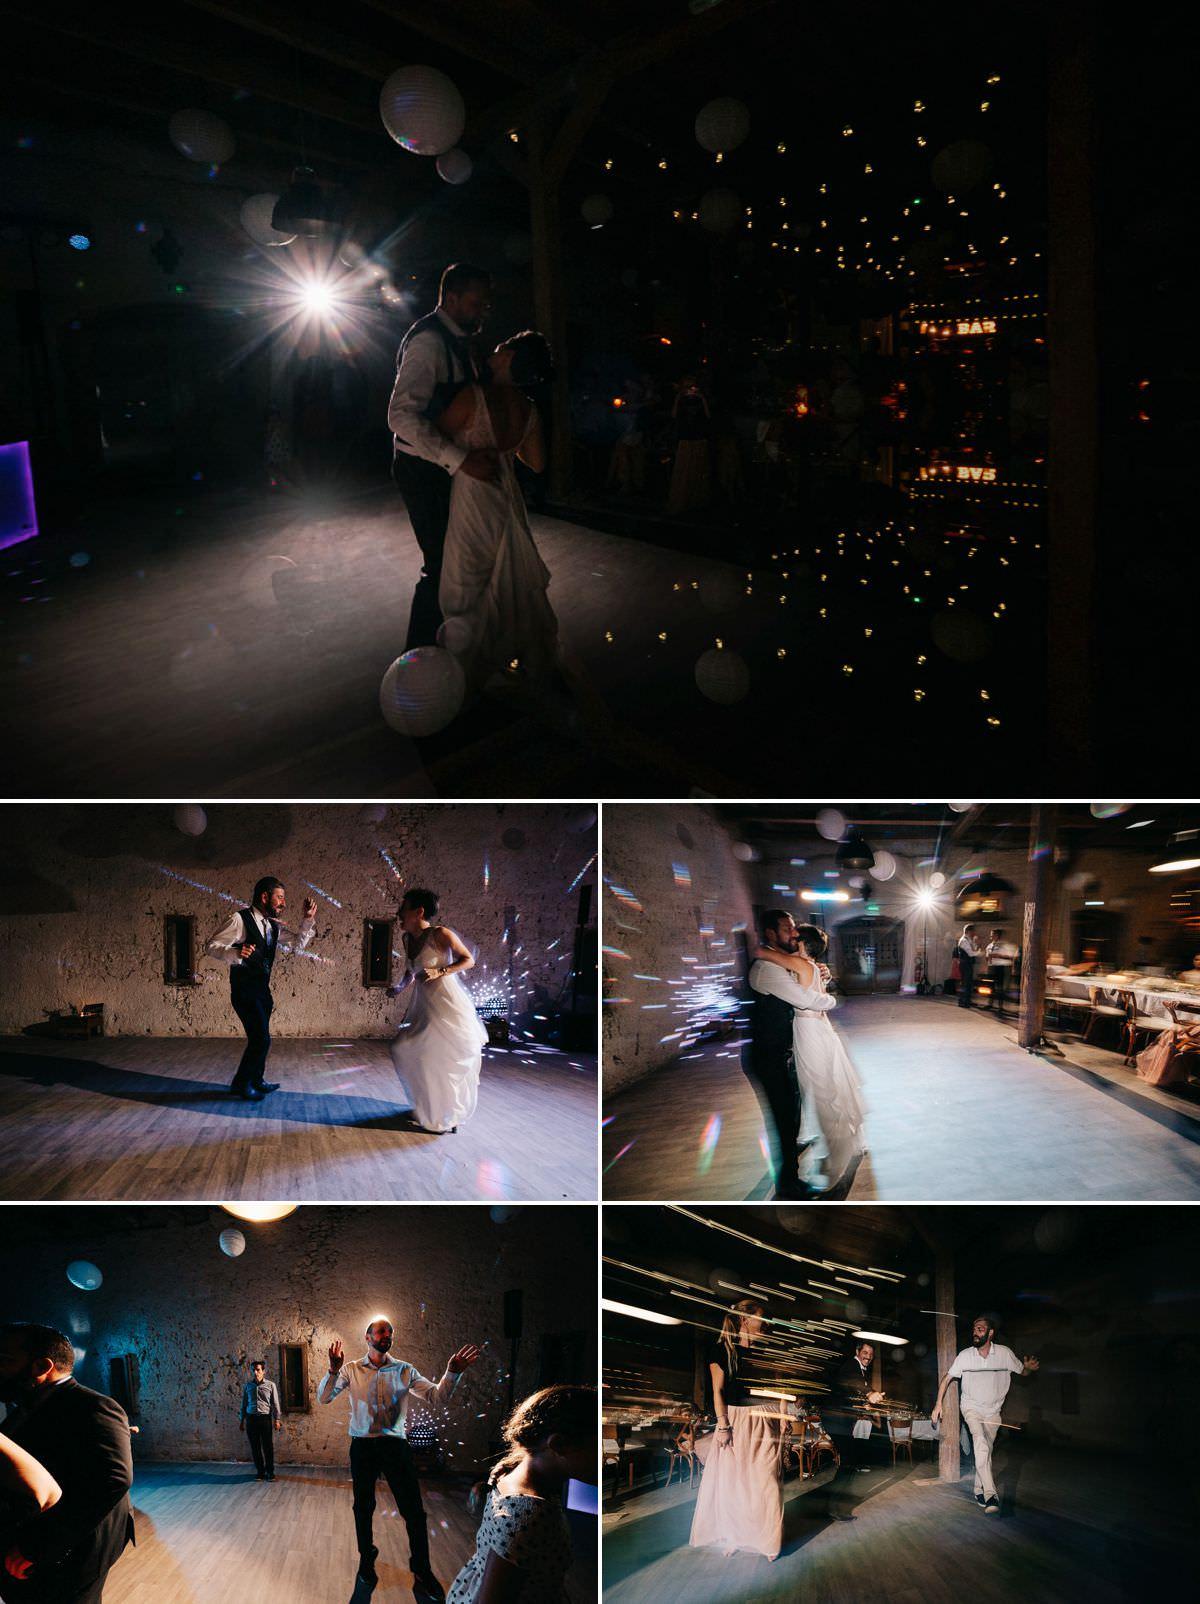 Le bal et les invités qui dansent